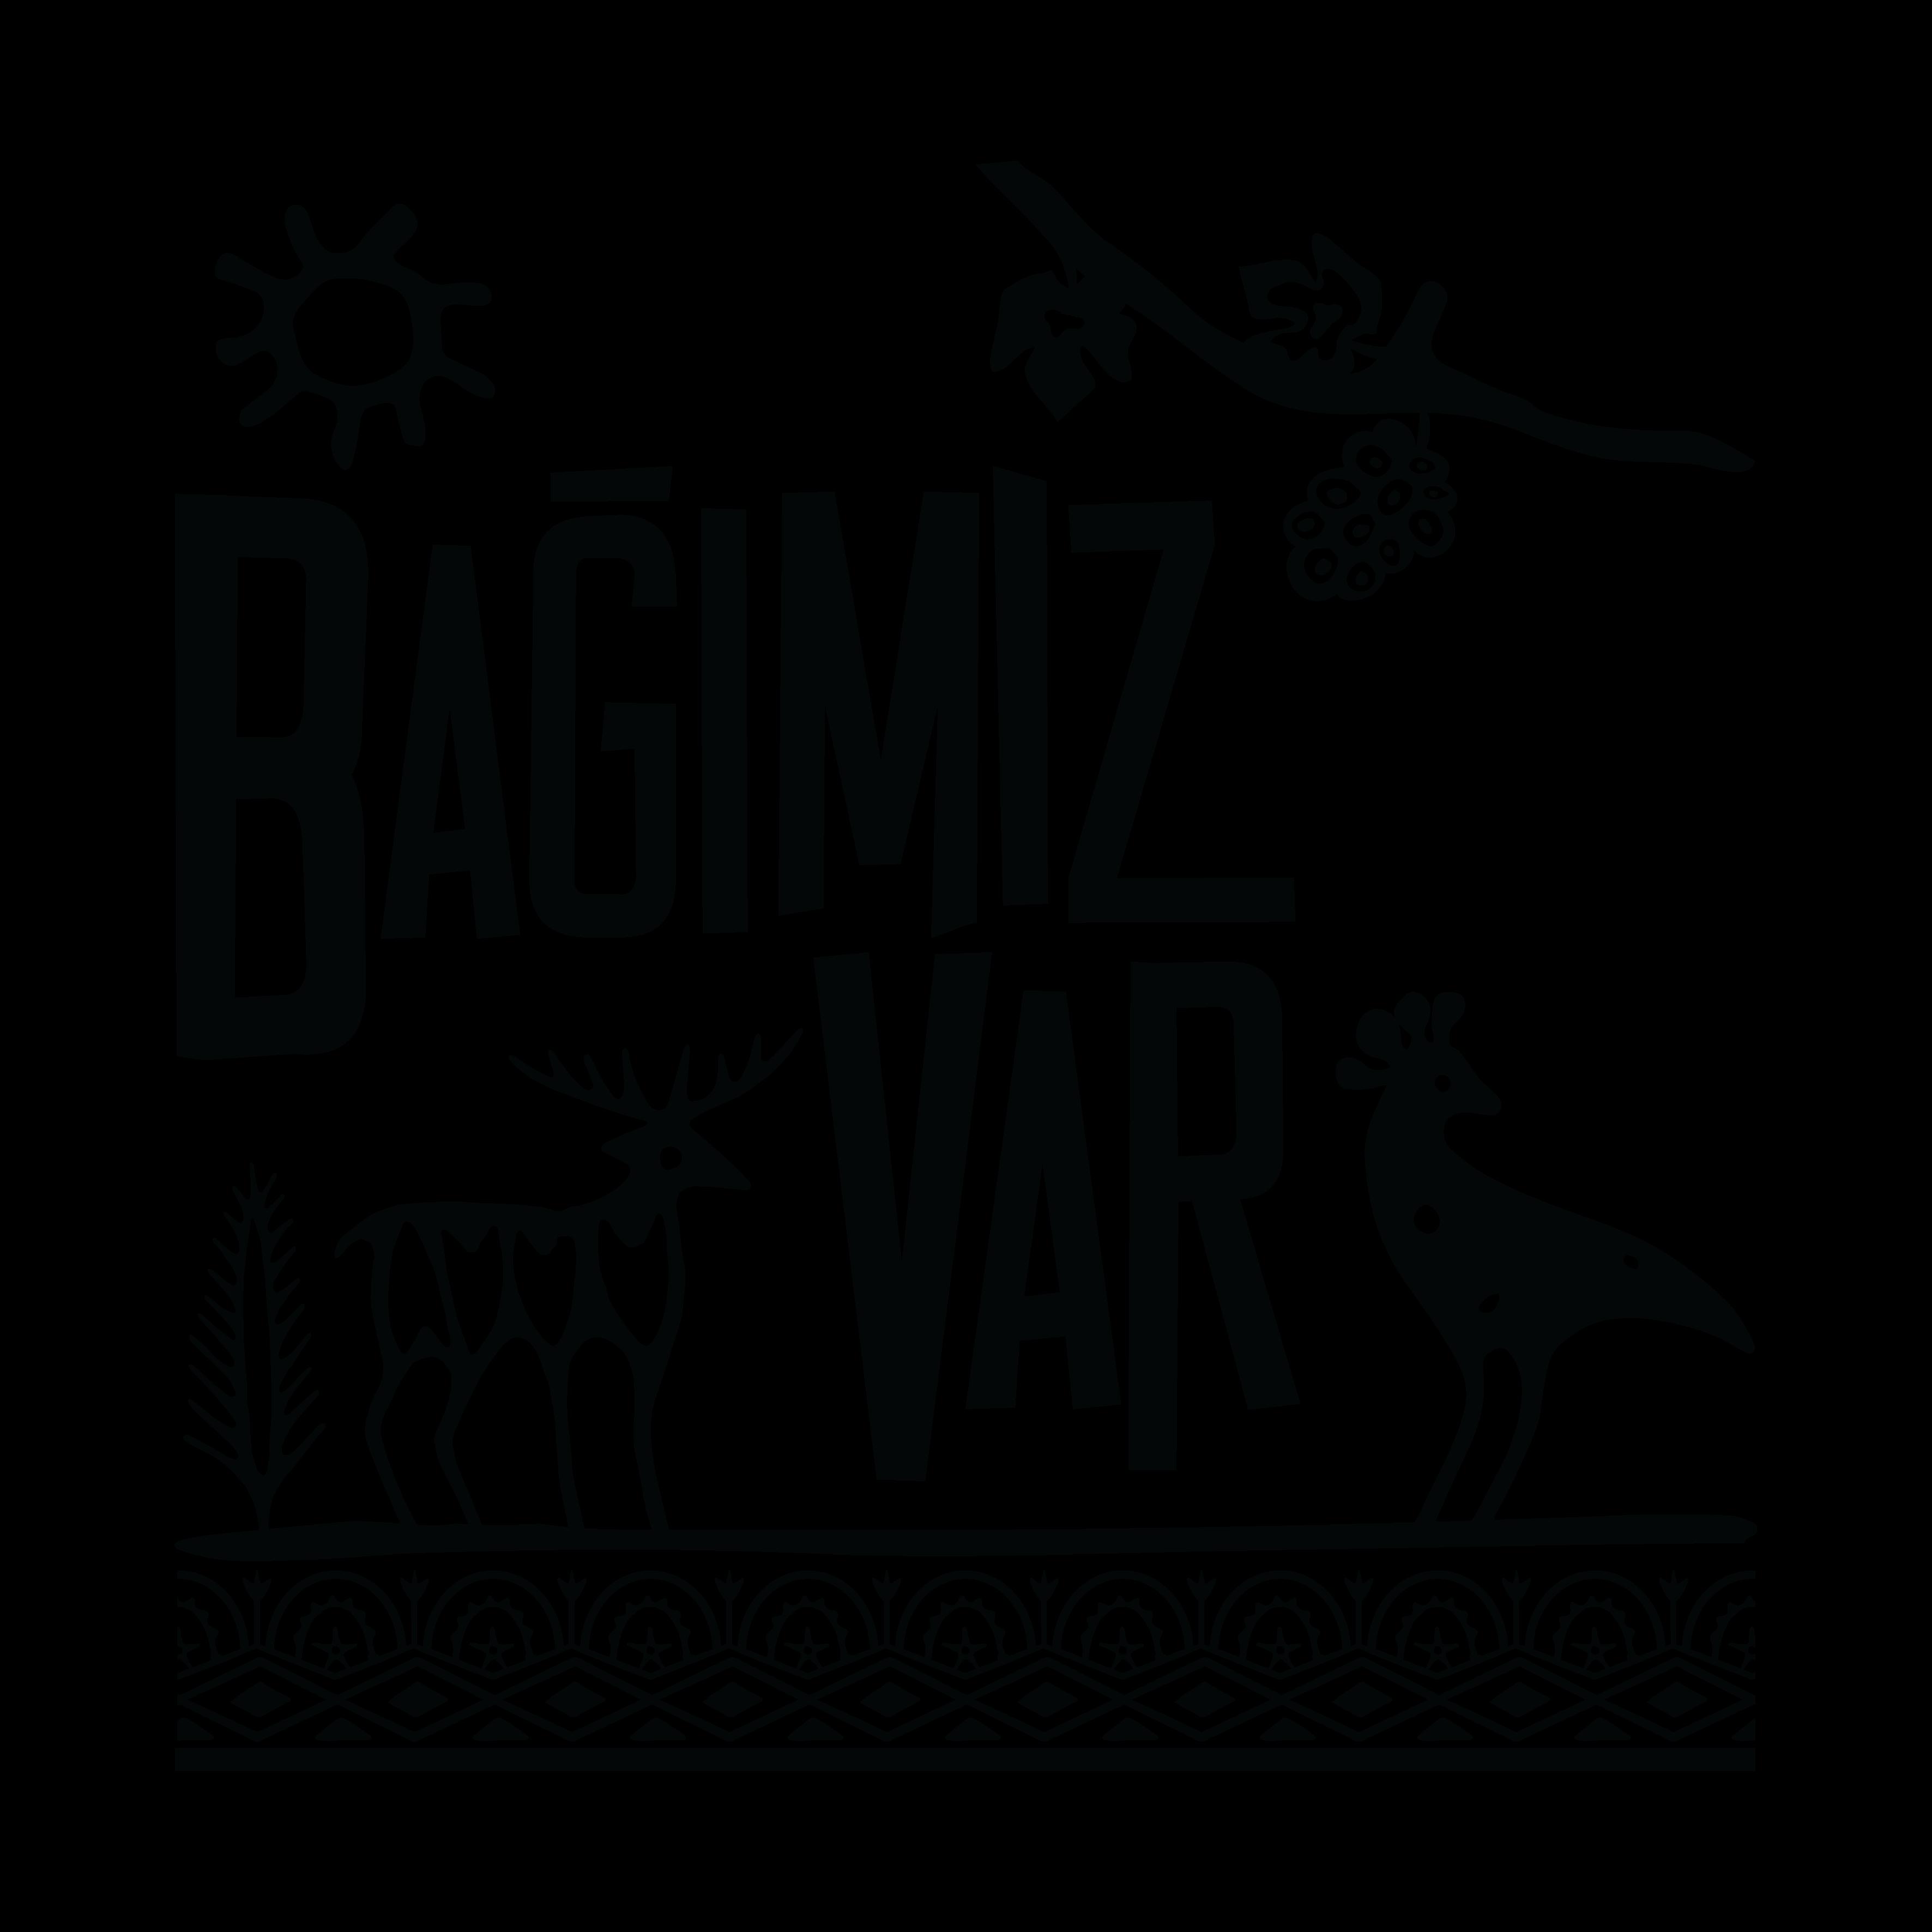 #Bağımızvar'dan Anadolu'nun Ozanları albümü